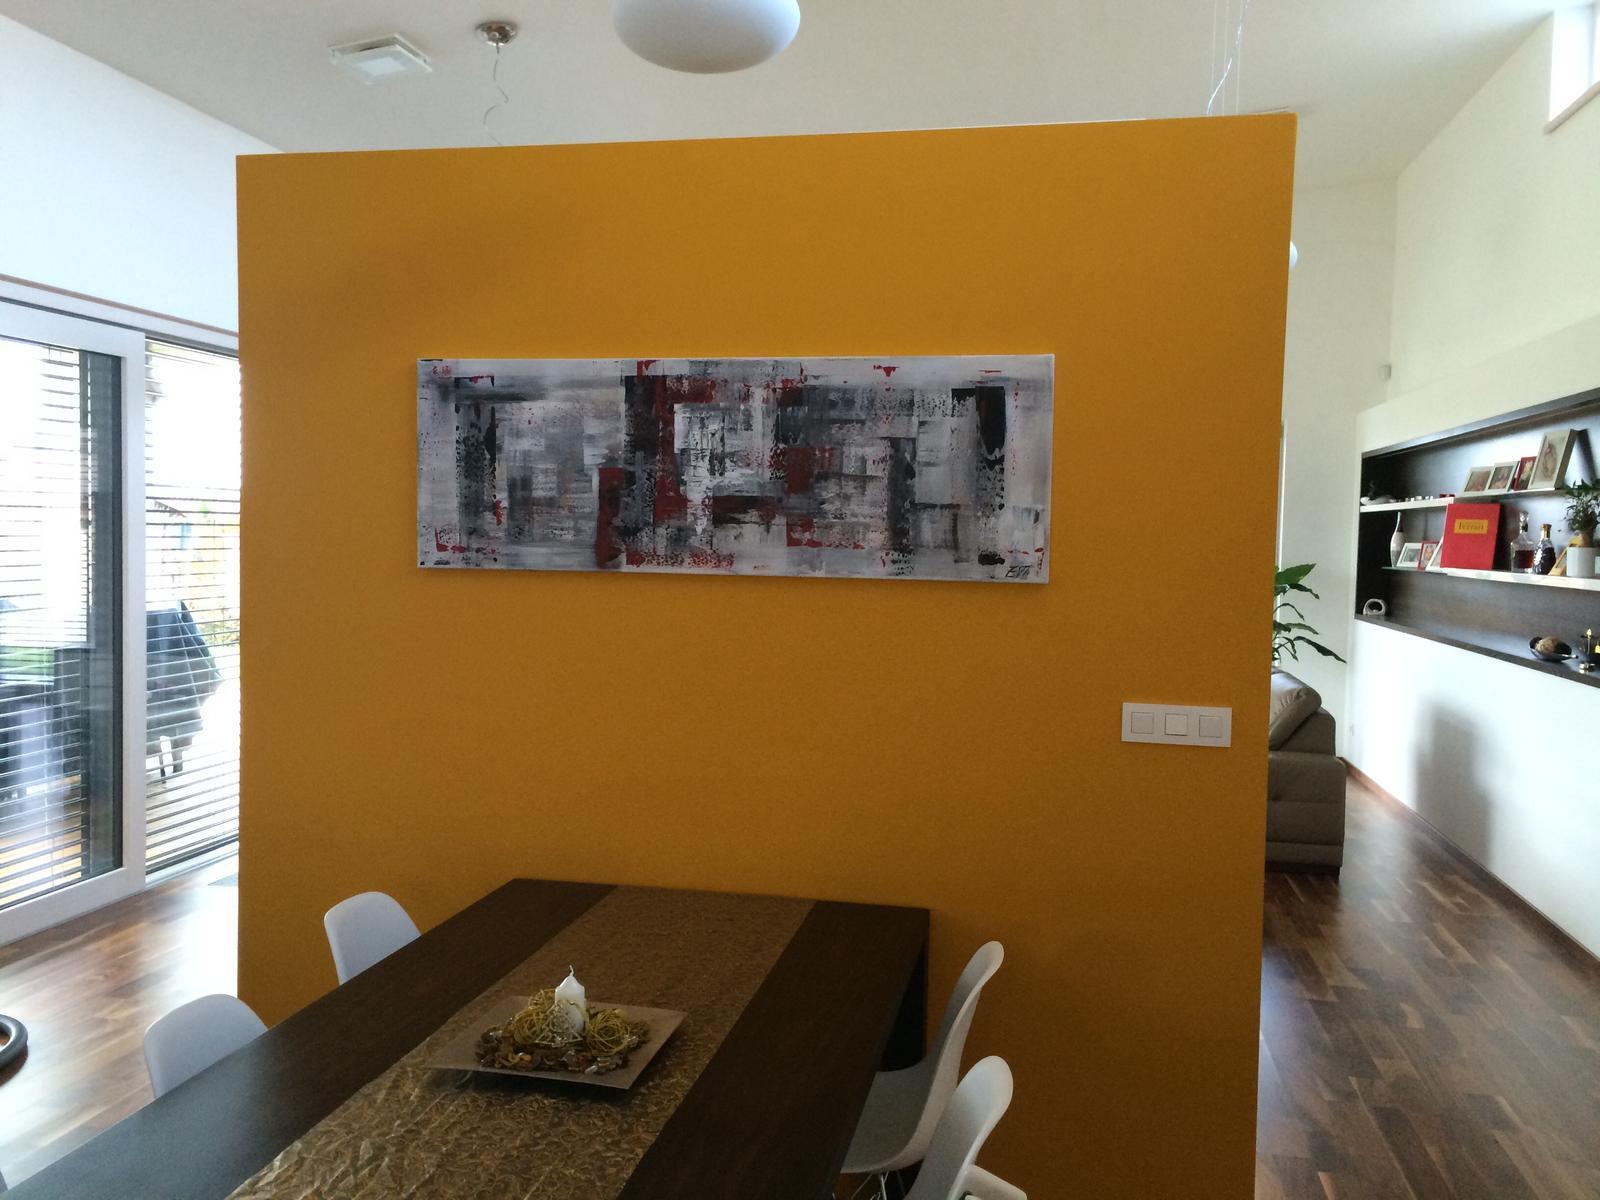 Mé obrazy v interiérech - Obrázek č. 36